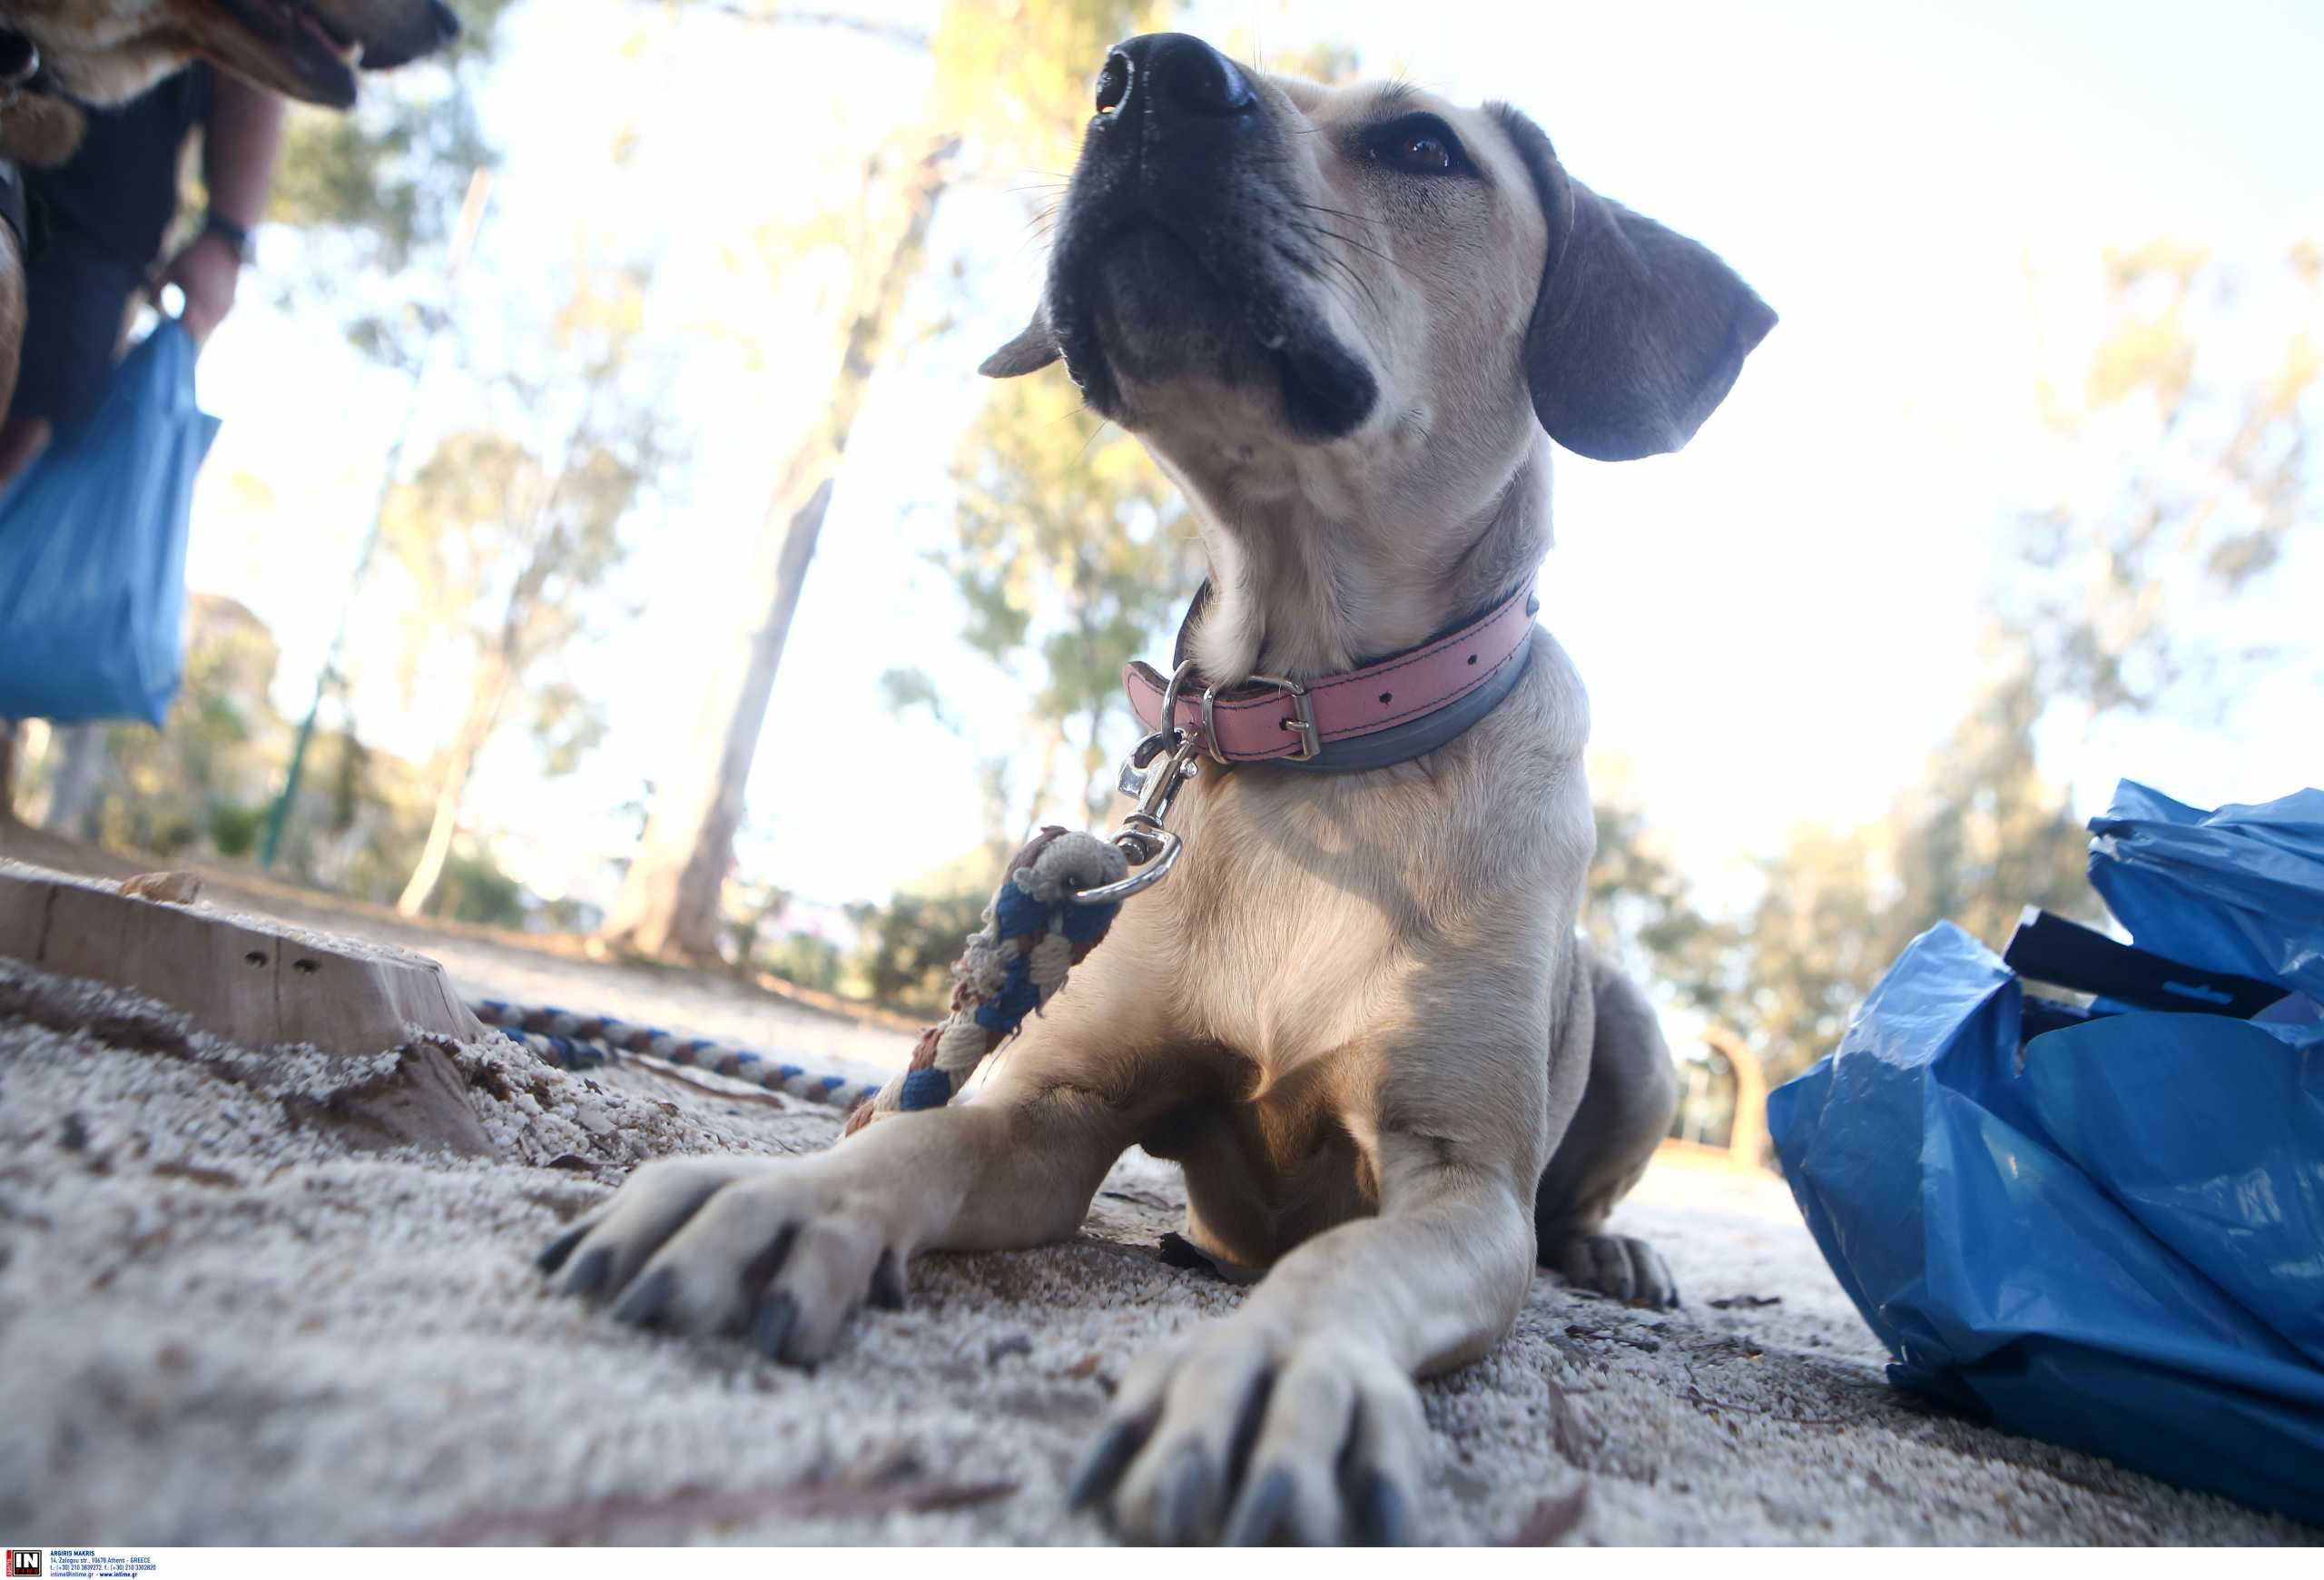 Πάτρα: Αστυνομικοί έσωσαν σκυλί που «σφάδαζε» στη μέση του δρόμου